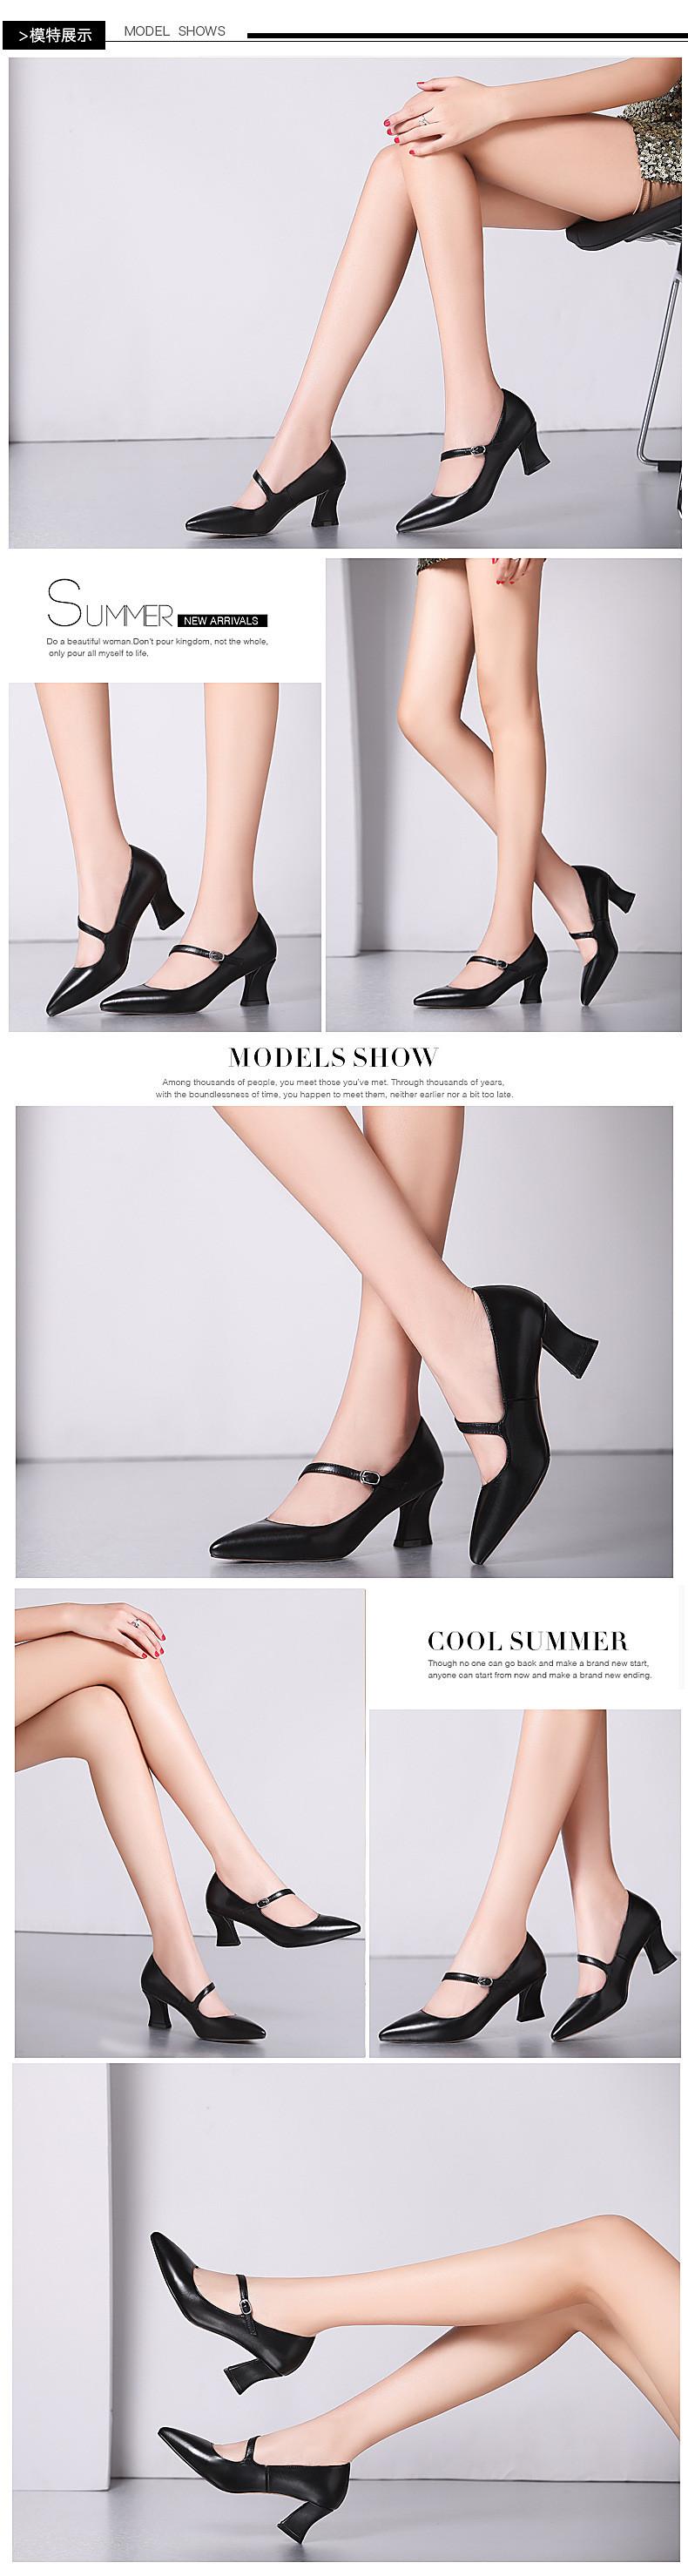 ซื้อ สตรีCroosสายปั๊มMedส้นC Omfortสุภาพสตรีที่สง่างามส้นค่ำรองเท้าเจ้าสาวนิ้วเท้าชี้รองเท้าส้นสูงผู้หญิงฟรีการจัดส่งสินค้า